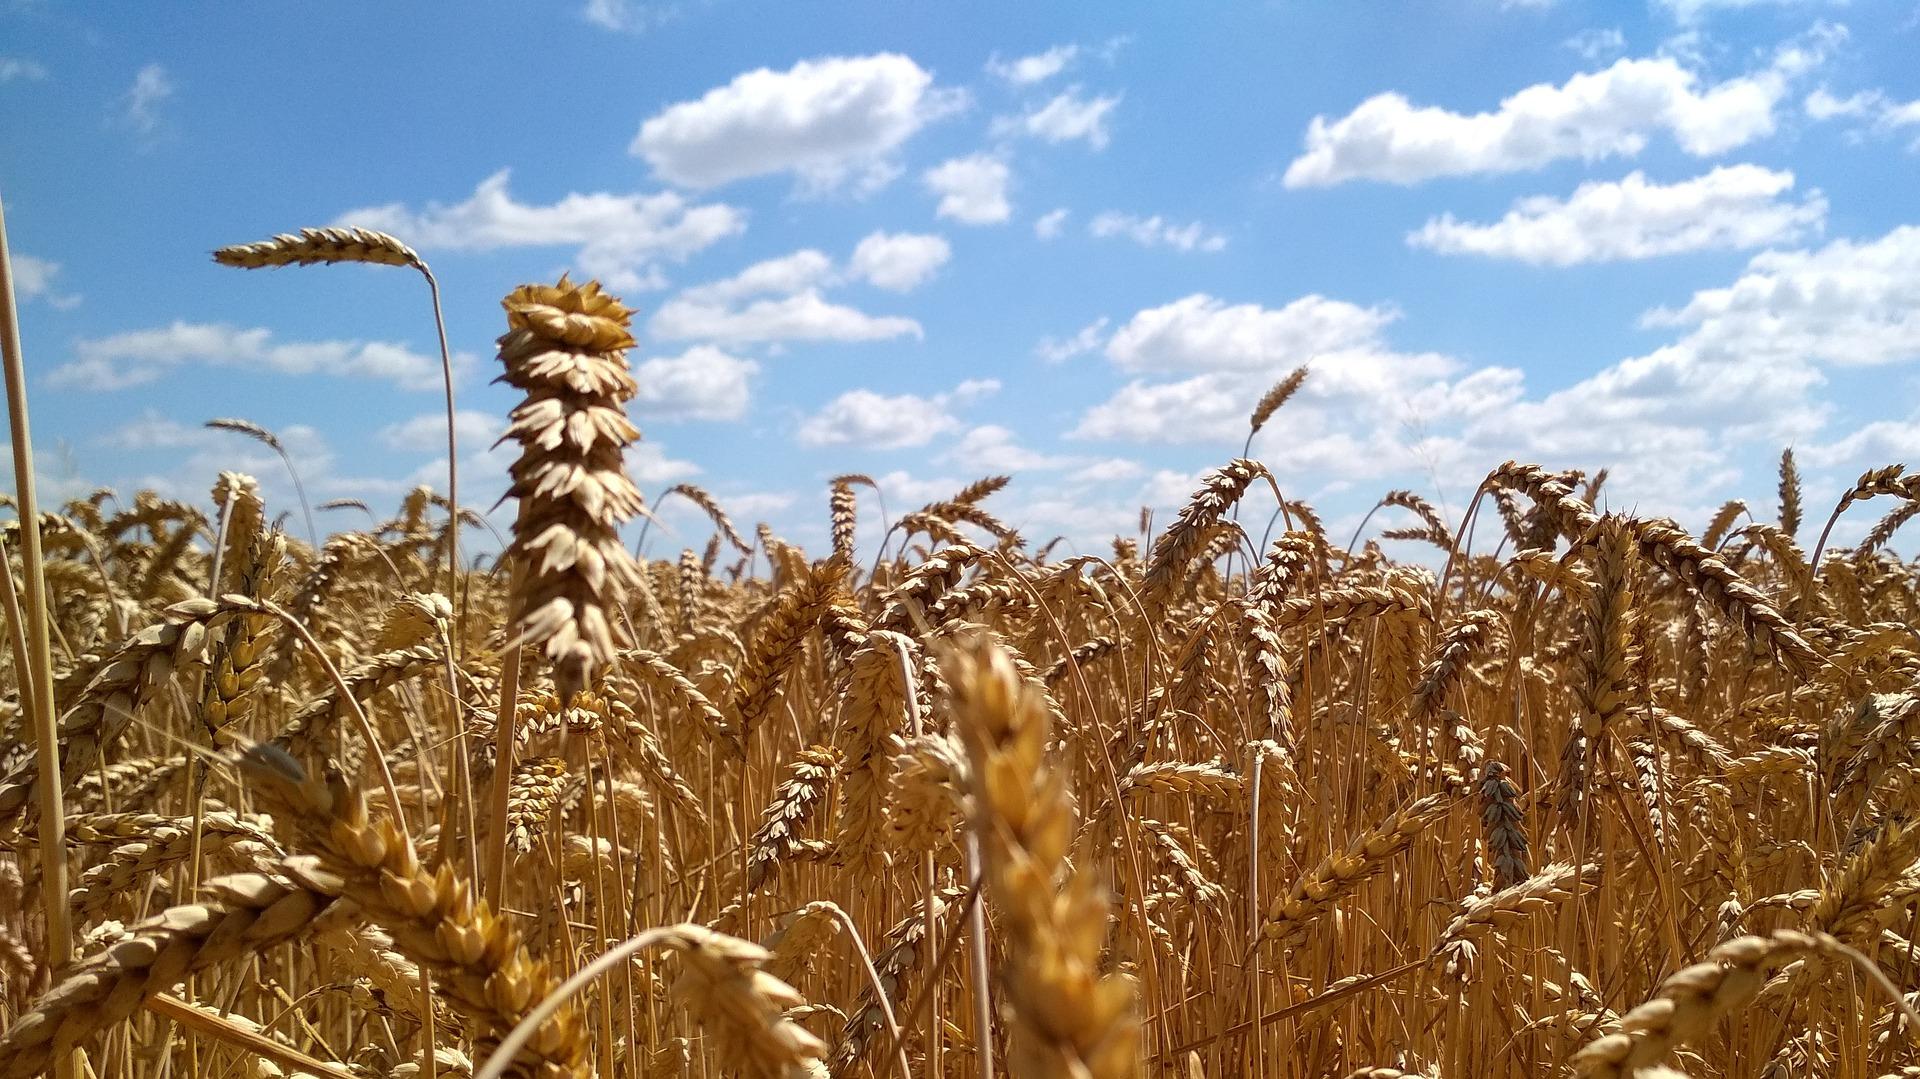 wheat-field-2554819_1920